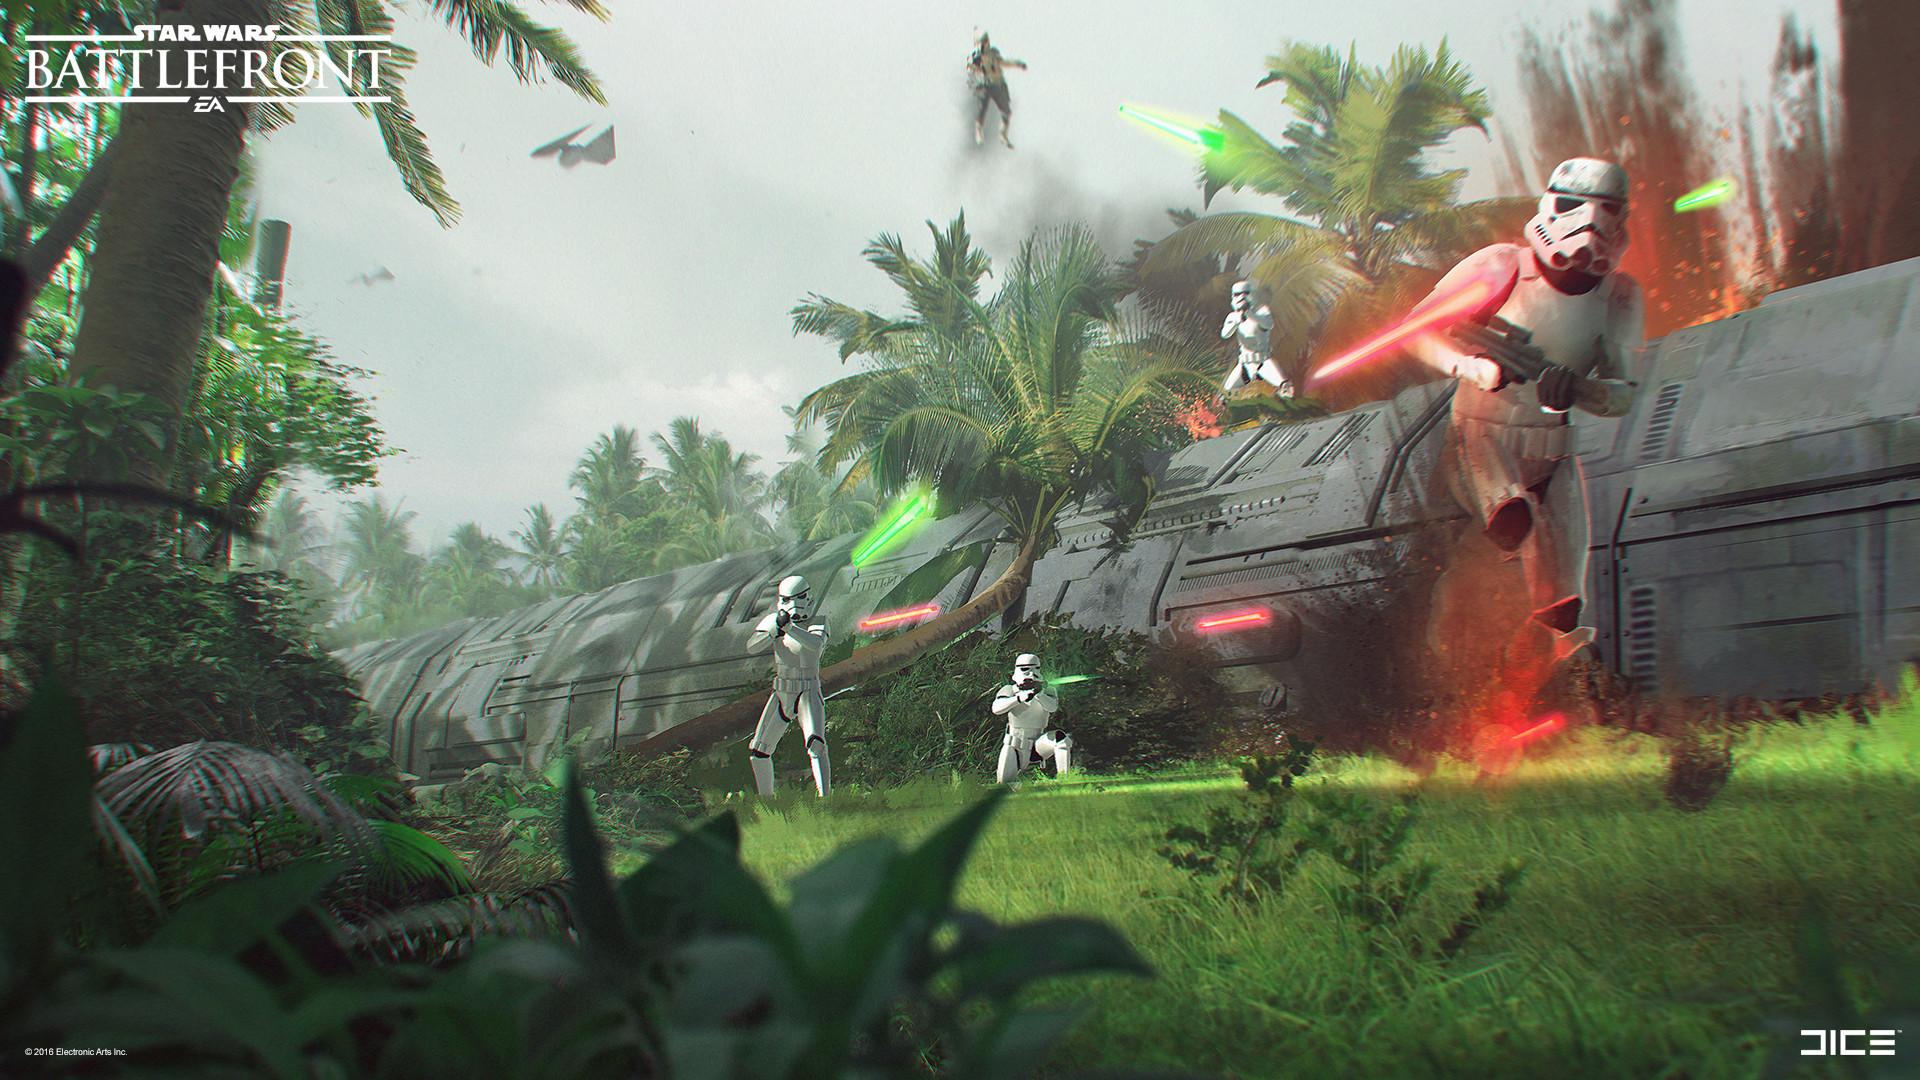 Koncepty z vývoje Star Wars: Battlefrontu ukazují některé nezrealizované prvky 140331